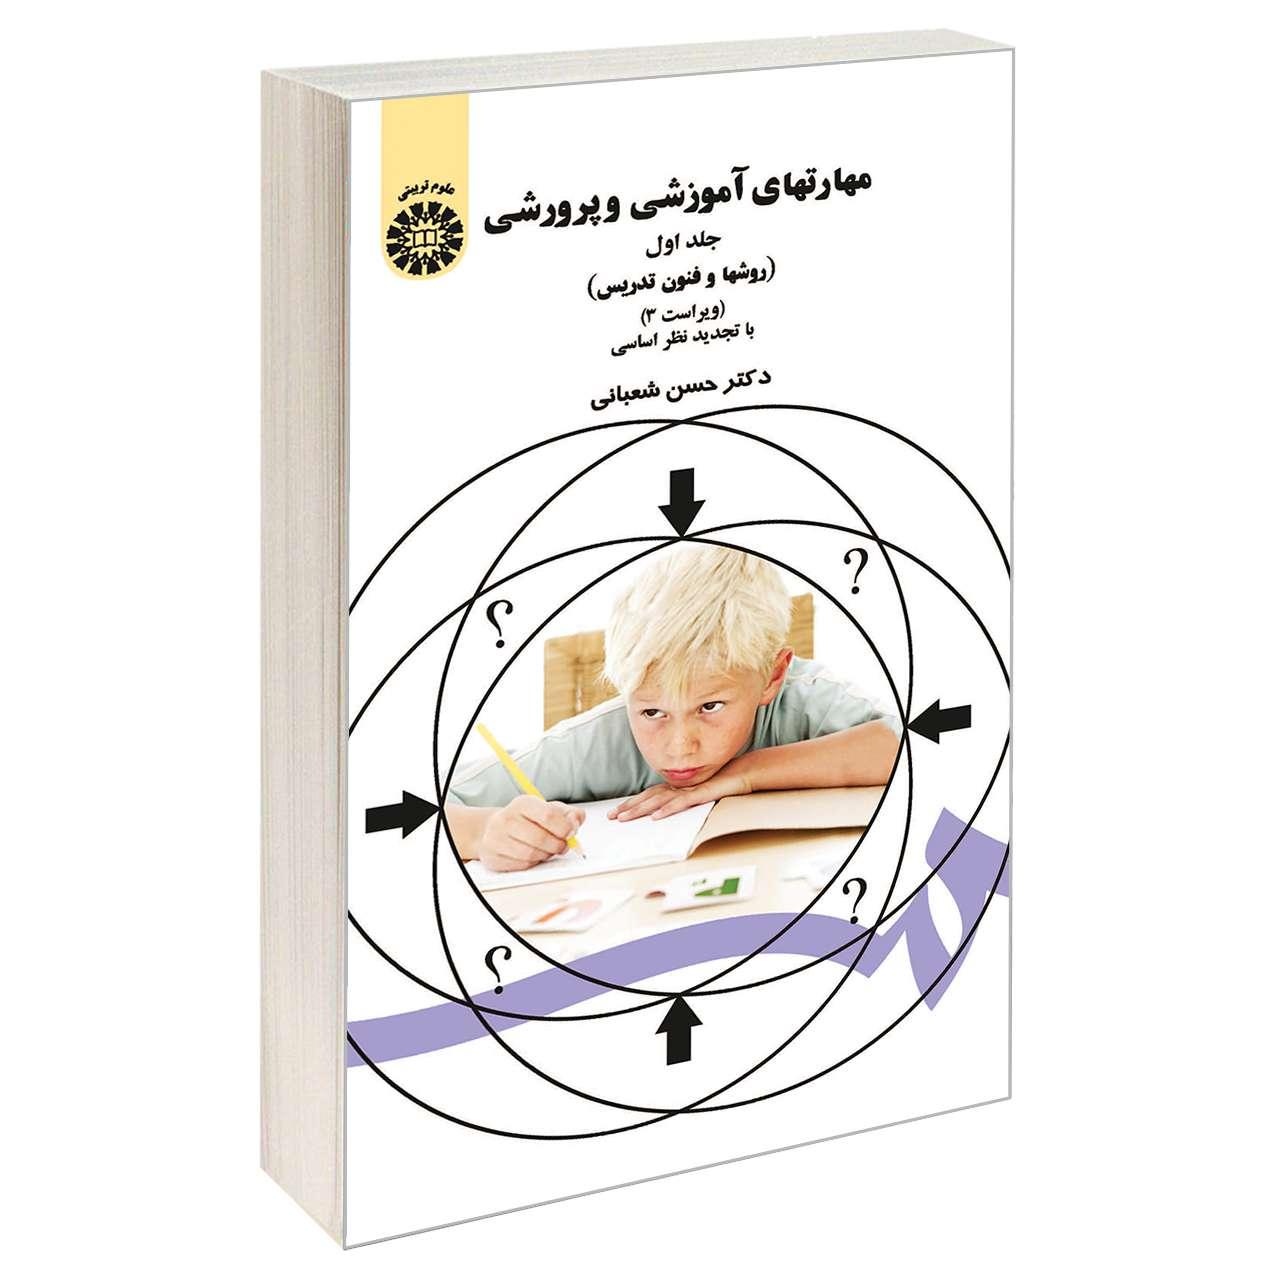 کتاب مهارتهای آموزشی و پرورشی روشها و فنون تدریس اثر دکتر حسن شعبانی نشر سمت جلد 1